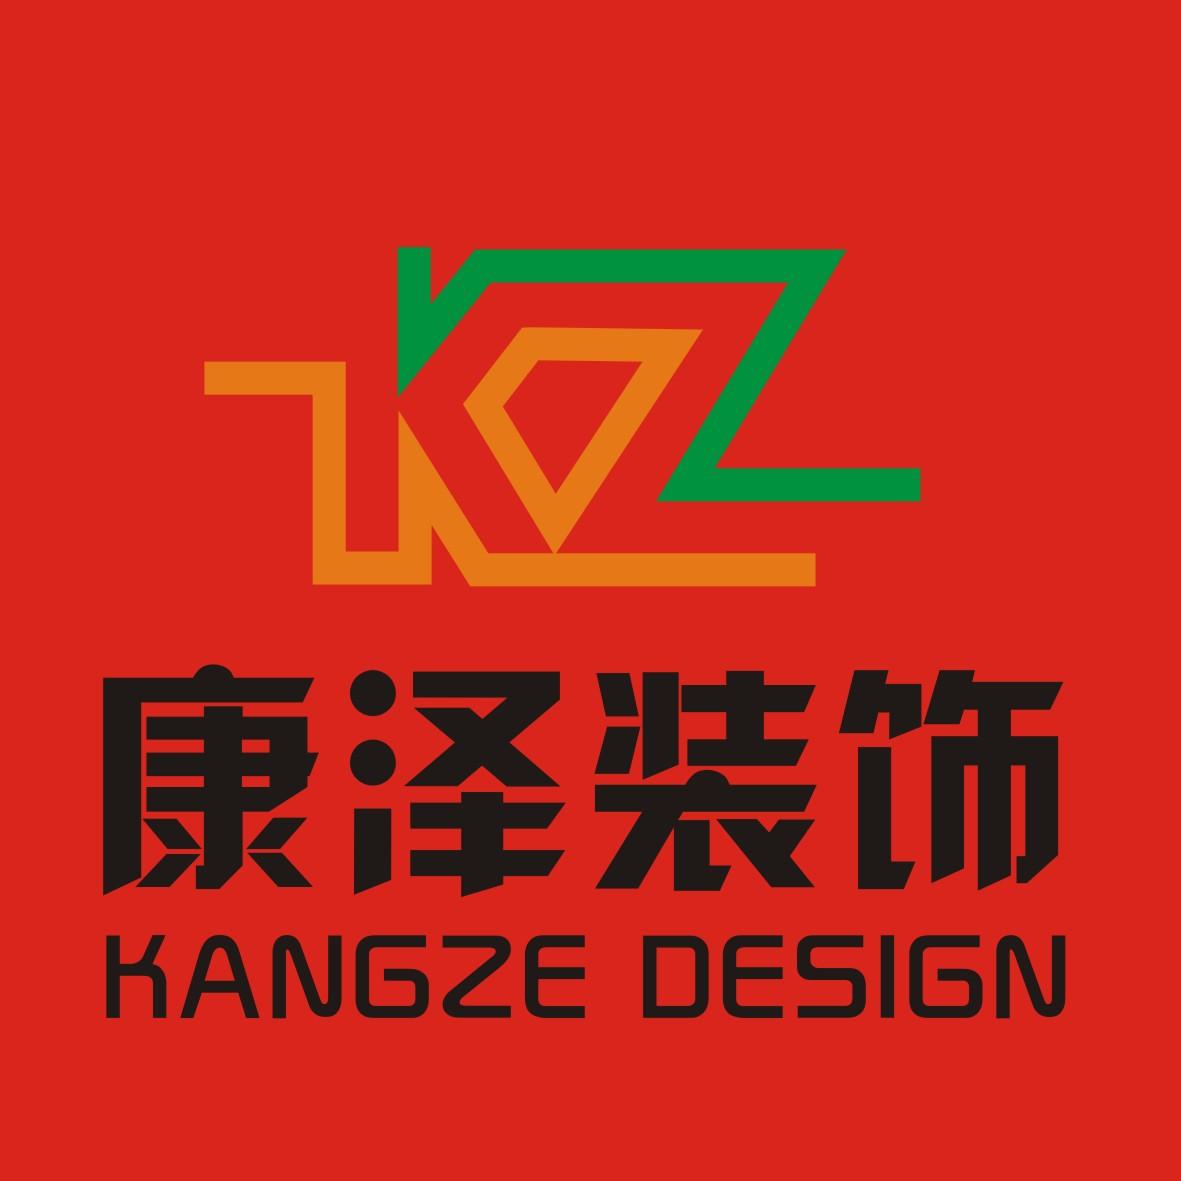 杭州康泽建筑装饰工程有限公司 - 杭州装修公司